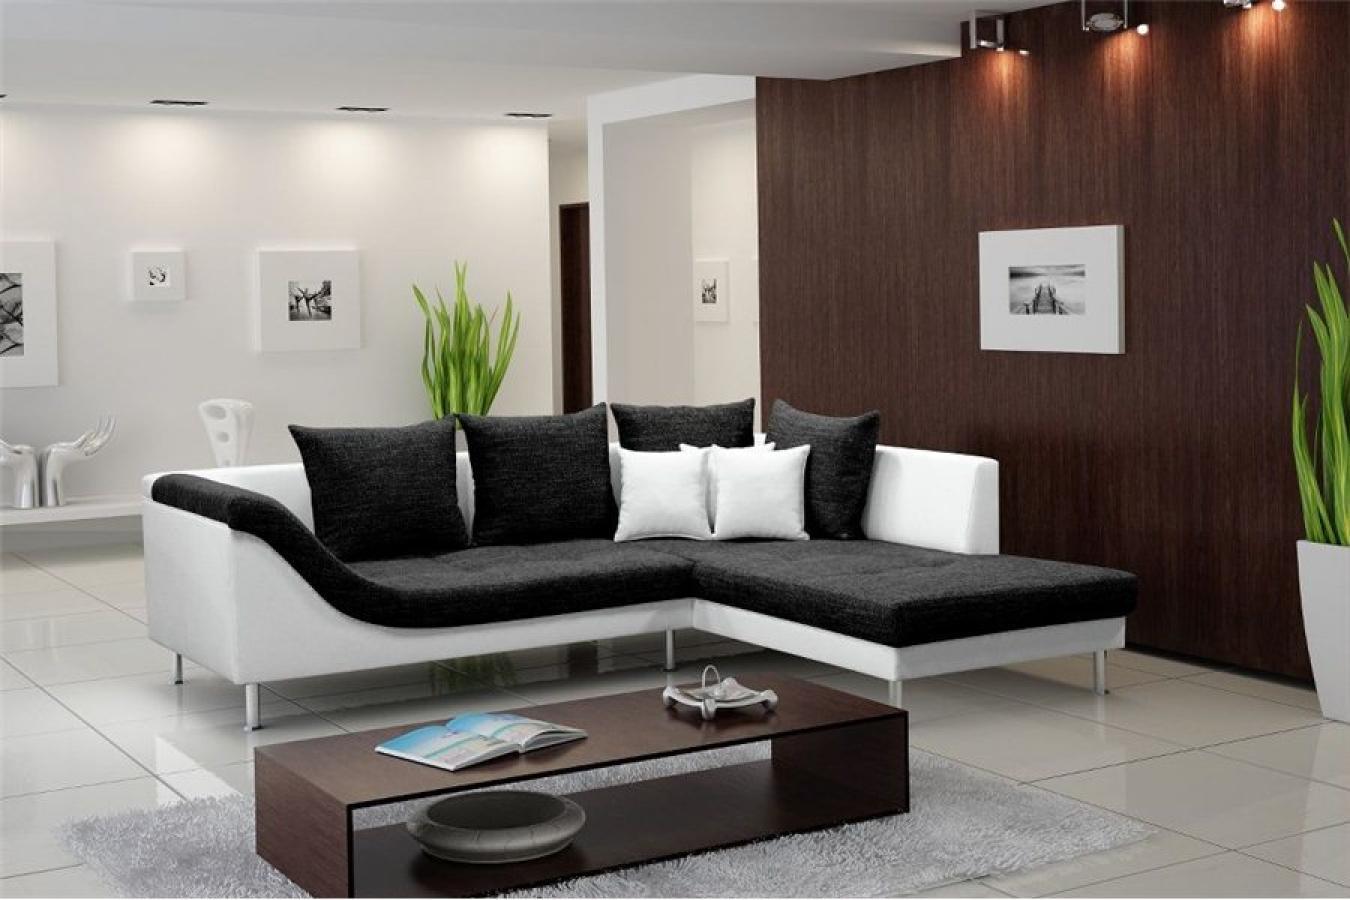 photos canap design pas cher noir et blanc. Black Bedroom Furniture Sets. Home Design Ideas